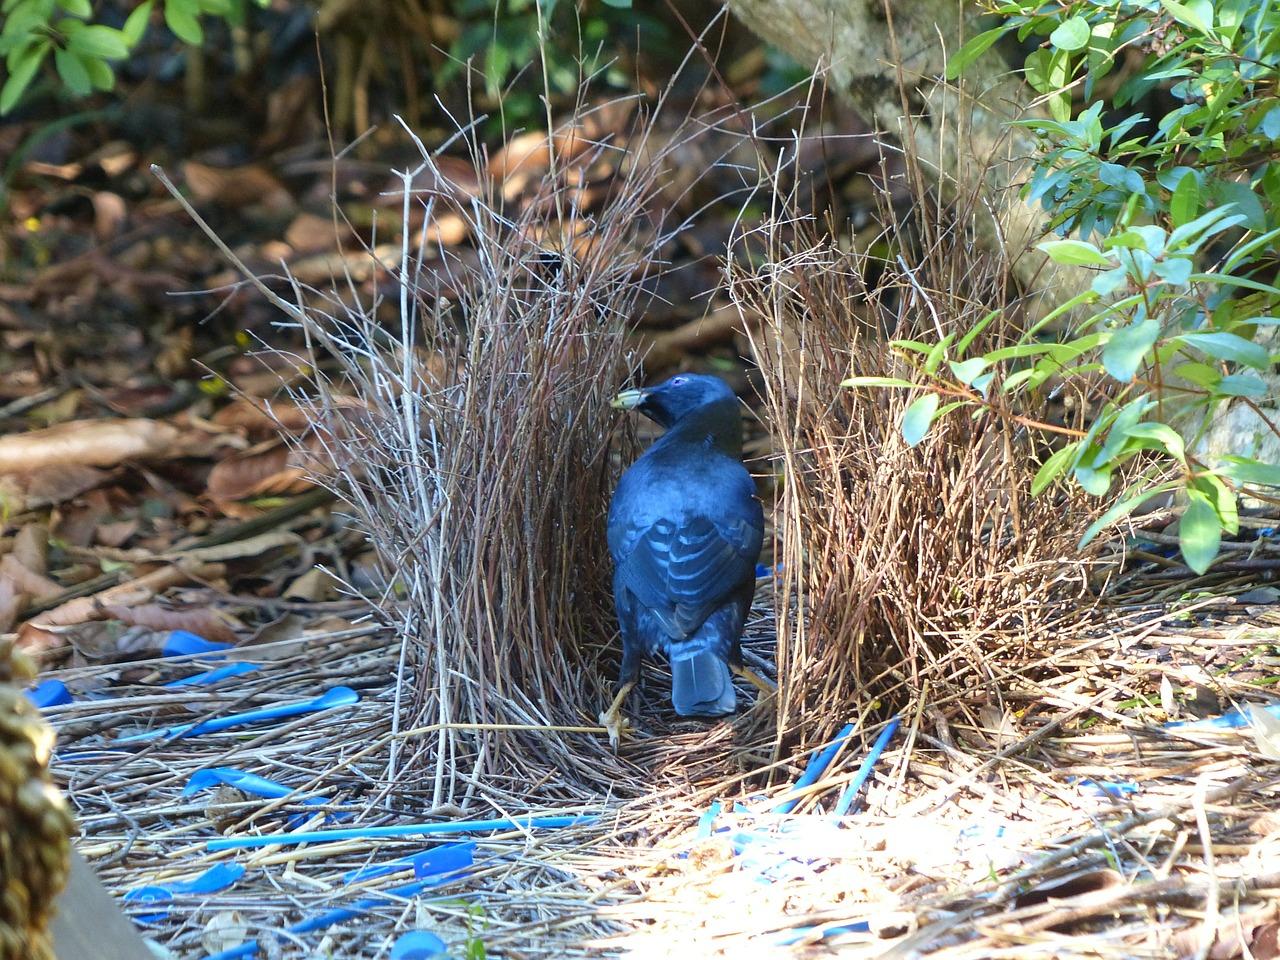 Altanniki (Ptilonorhynchidae) – rodzina ptaków z rzędu wróblowych (Passeriformes), najbliżej spokrewniona z korołazami (Climacteridae). Występują w Nowej Gwinei i Australii. Większość żyje na terenach leśnych, niektóre na otwartych obszarach buszu. Żywią się przede wszystkim owocami. Są to ptaki średniej wielkości o mocnych dziobach. Upierzenie ma zwykle kolorystykę płowobrązową, zieloną lub szarą; u samców połowy z gatunków jest jaskrawsze niż u samicy. W porze godów samce większości gatunków budują strojne altanki służące wabieniu samic. Właściwe gniazdo ma czarkowaty kształt i jest budowane tylko przez samicę. W lęgu 1–2 jaja, wysiadywane przez 19–24 dni. Po około 18–21 dniach pisklęta opuszczają gniazd, fot. picman2 DP